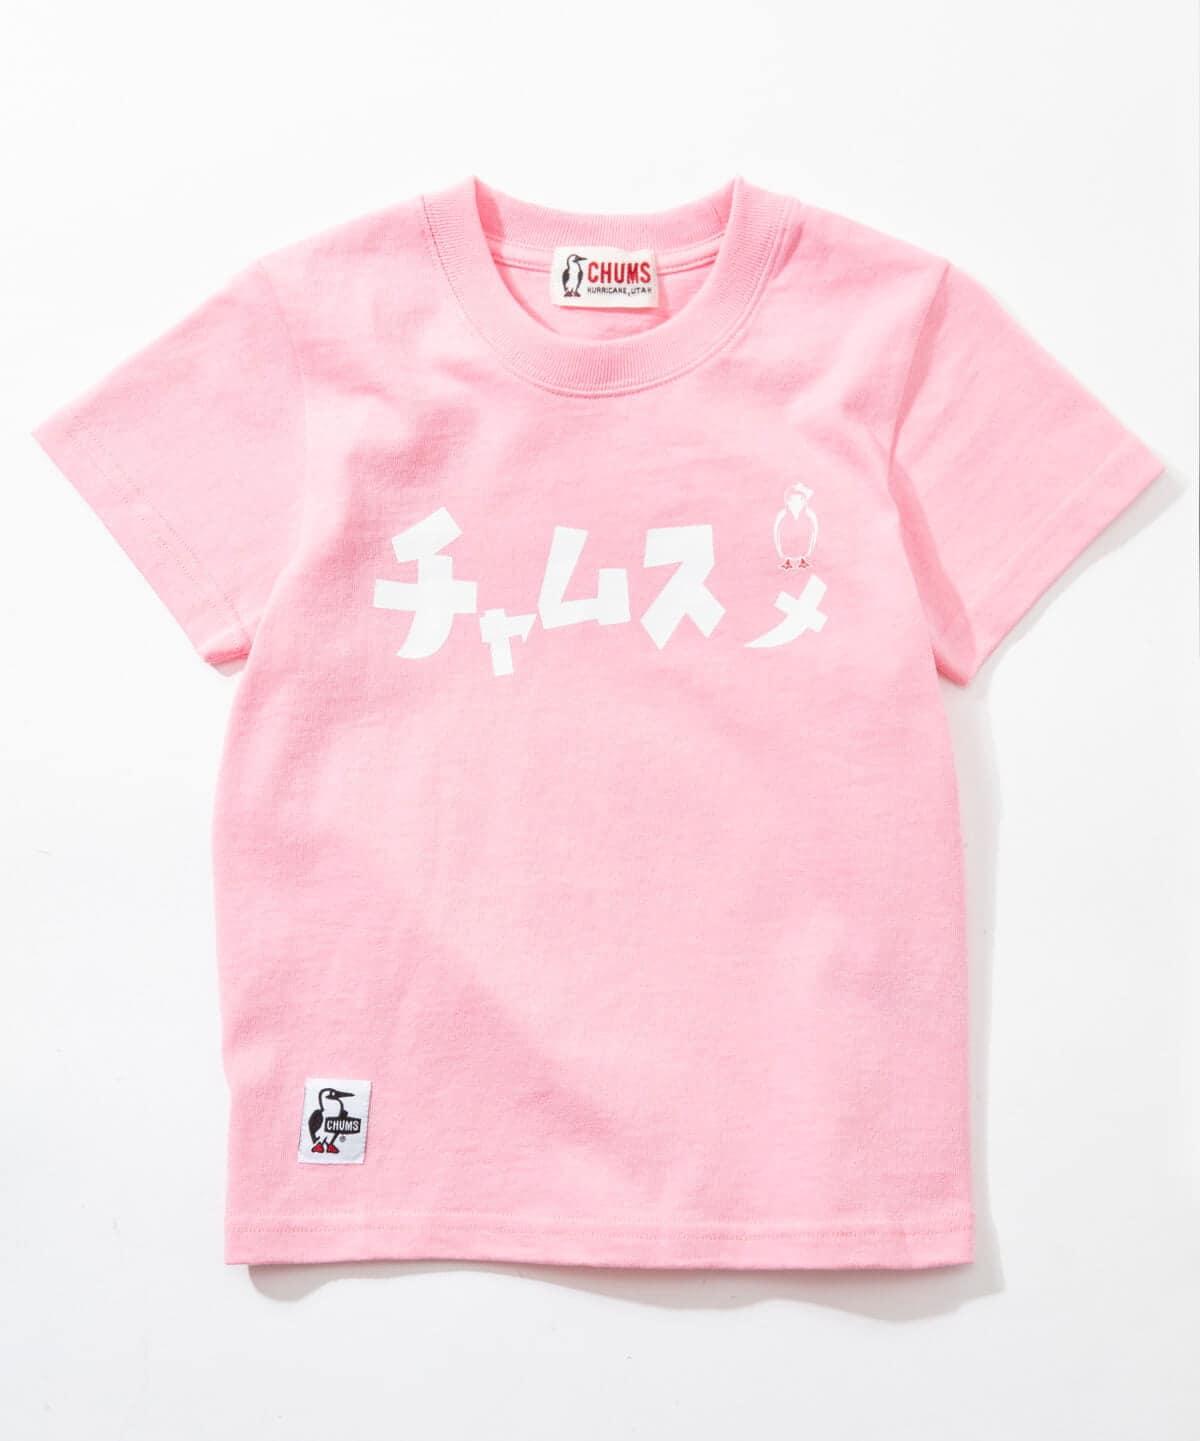 fe49ba4b73e1d チャムスメT-Shirt(チャムスメTシャツ(キッズ Tシャツ))